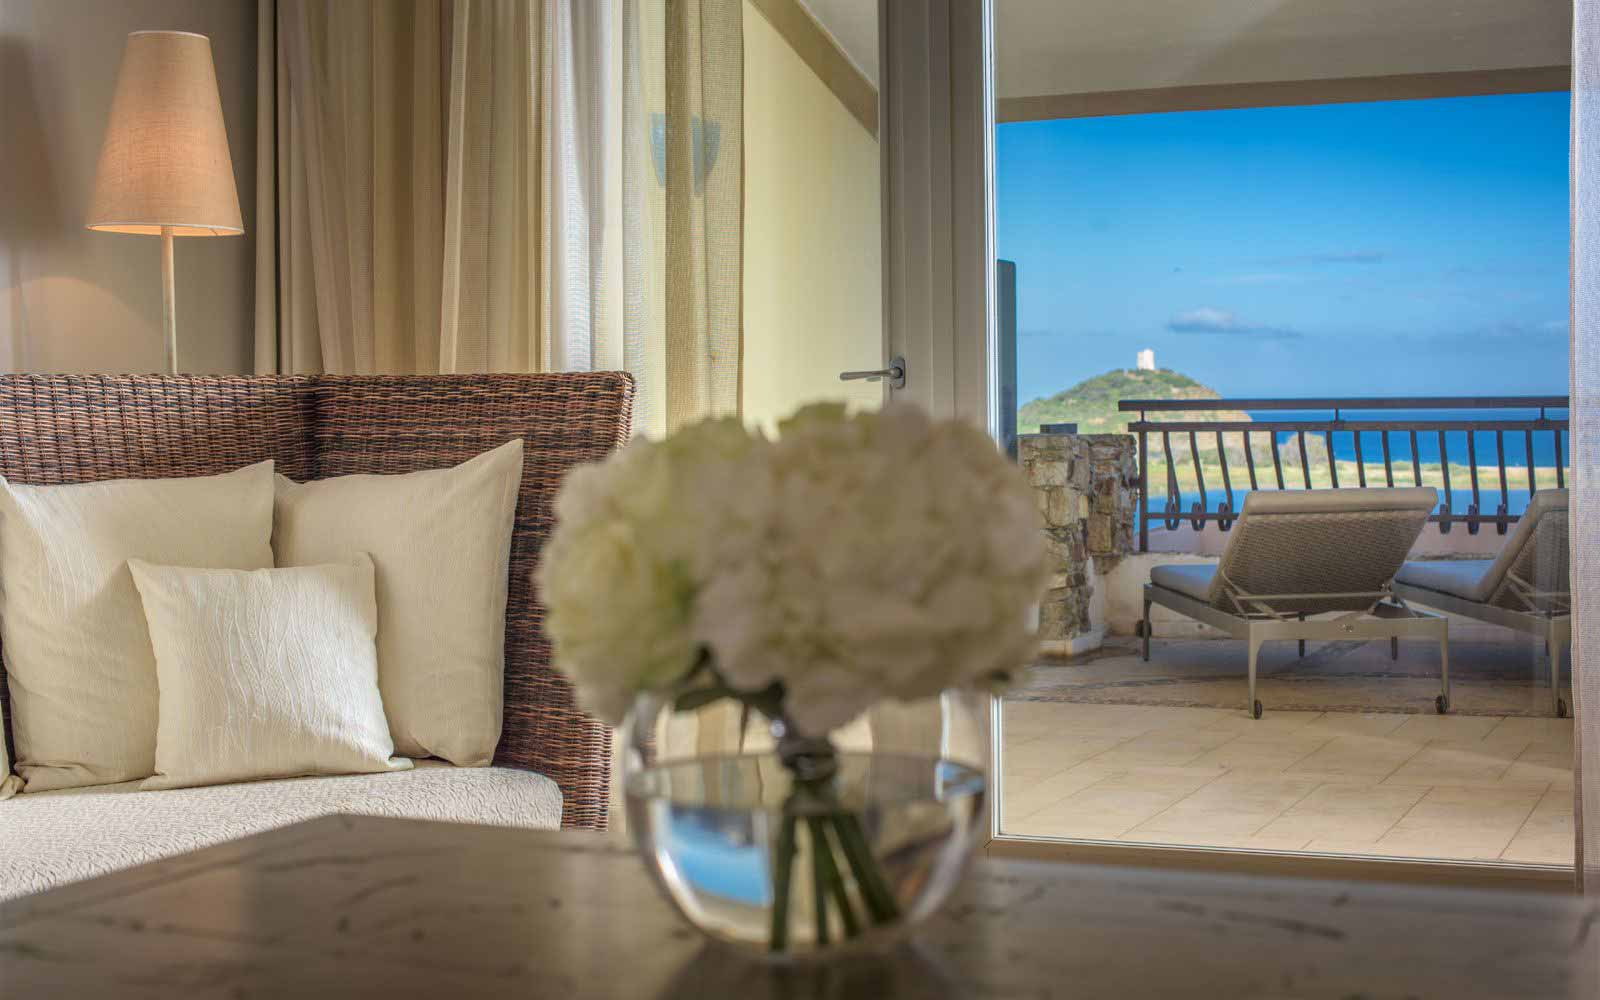 Sea view room at Hotel Laguna